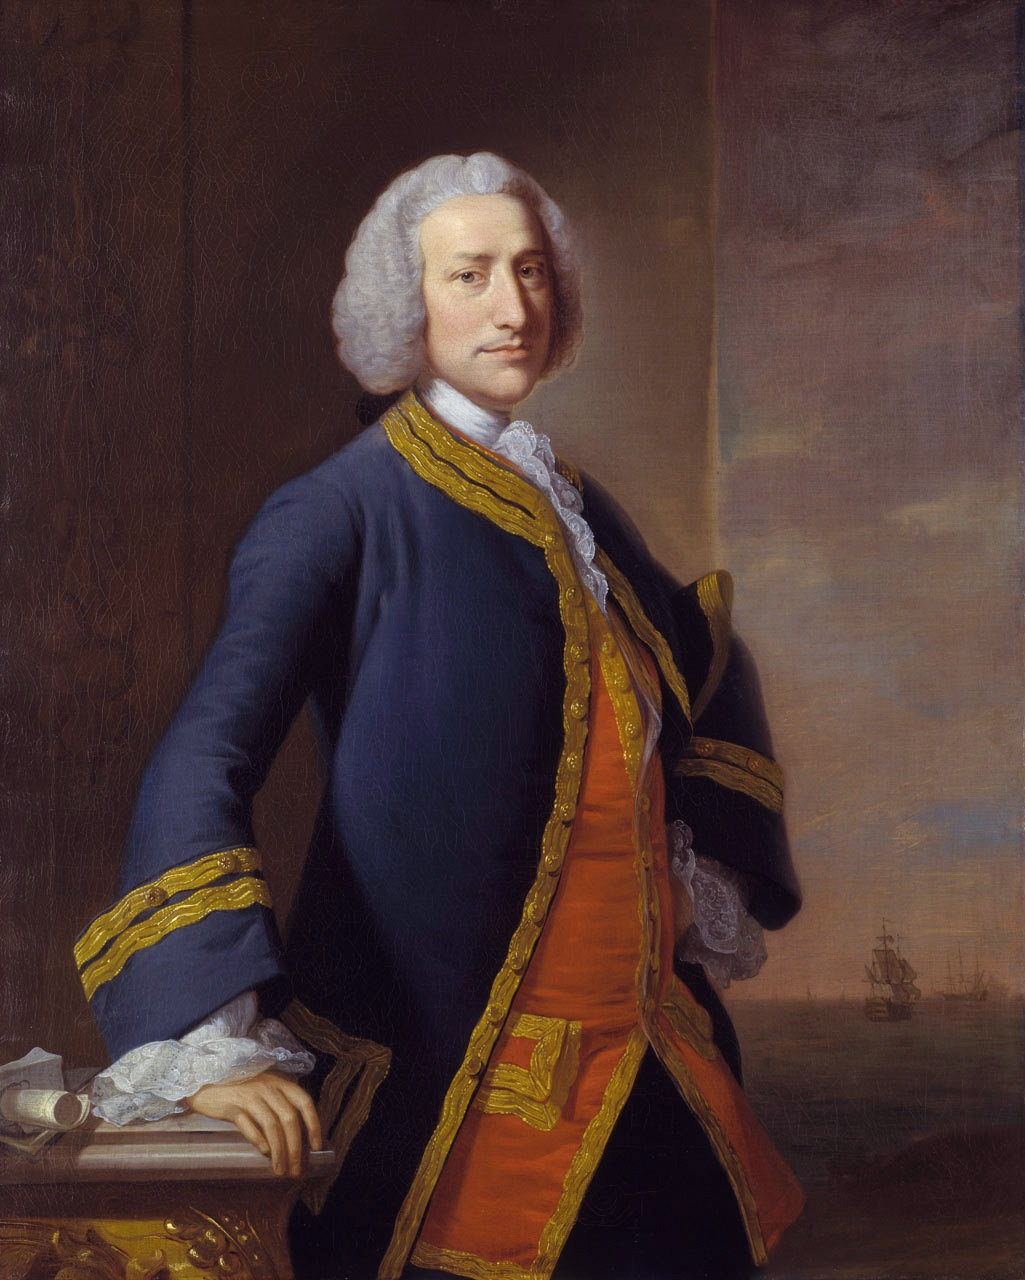 Commodore Anson